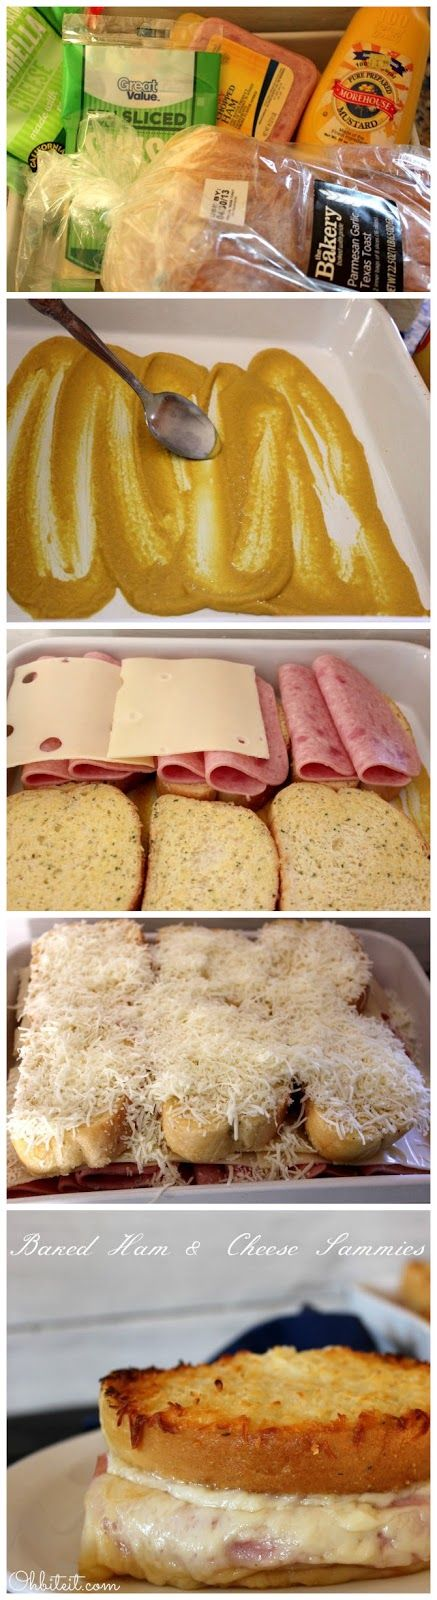 Recipe Best: Baked Ham & Cheese Sammies